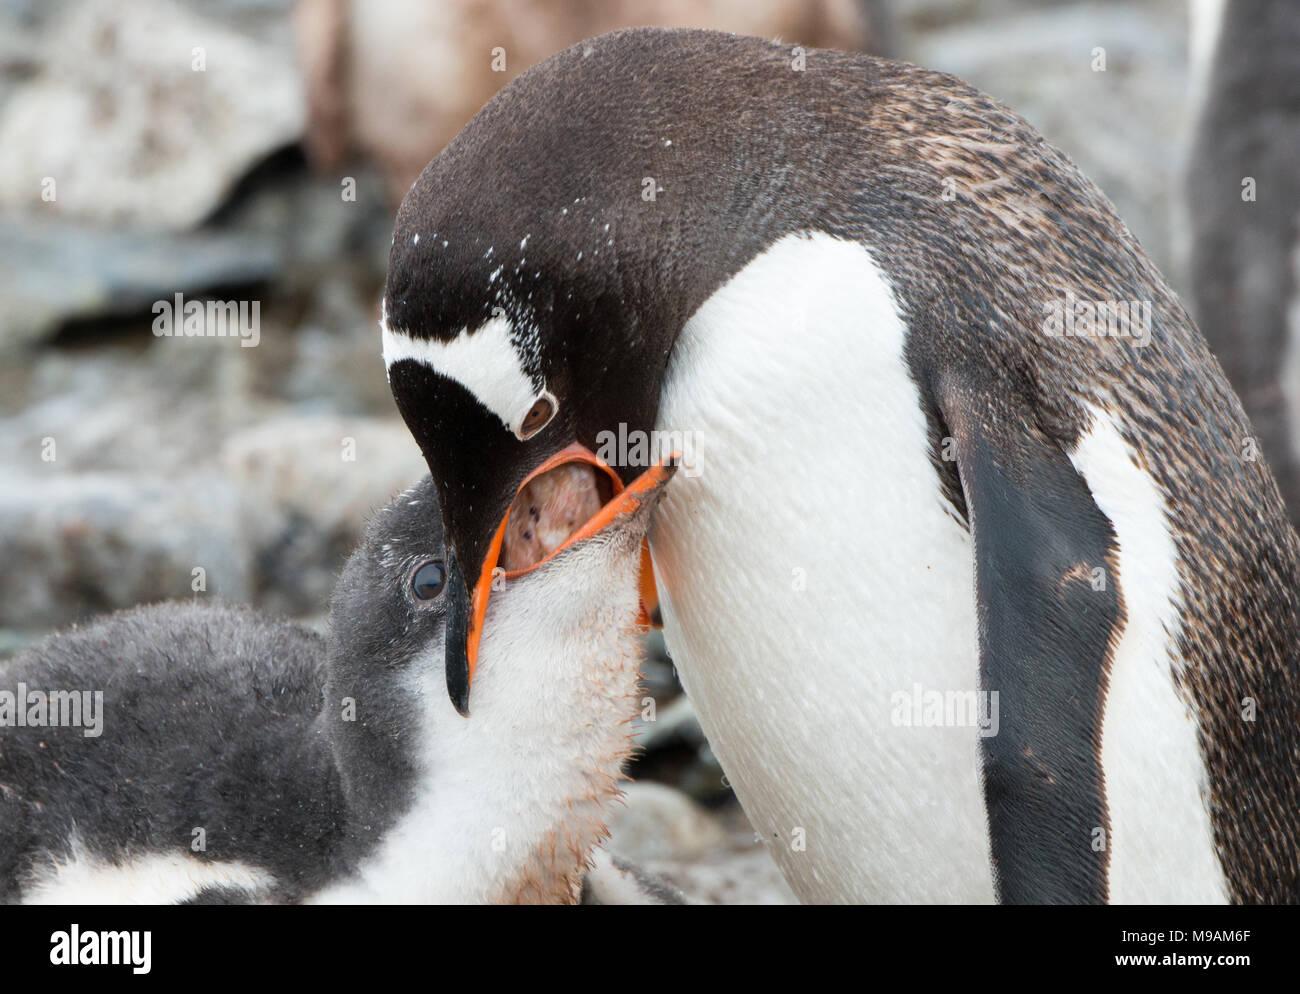 Un pingüino Gentoo alimenta su polluelo hambriento en la Antártida Imagen De Stock